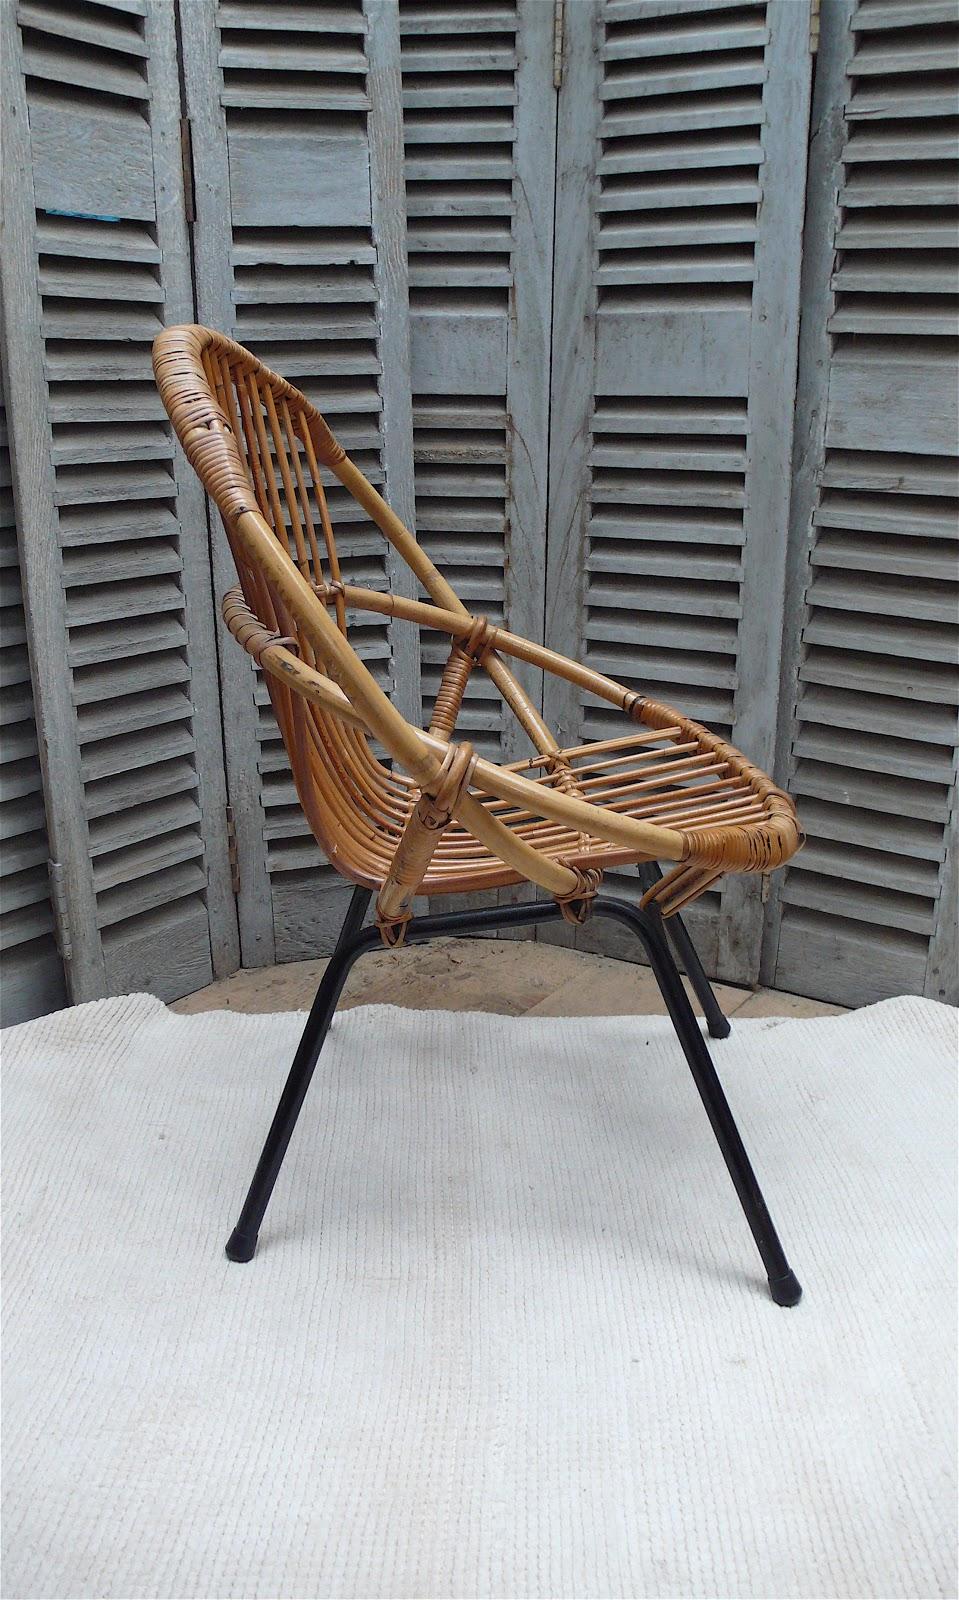 quoi fabriquer avec des bambous bambou with quoi fabriquer avec des bambous amazing quoi. Black Bedroom Furniture Sets. Home Design Ideas